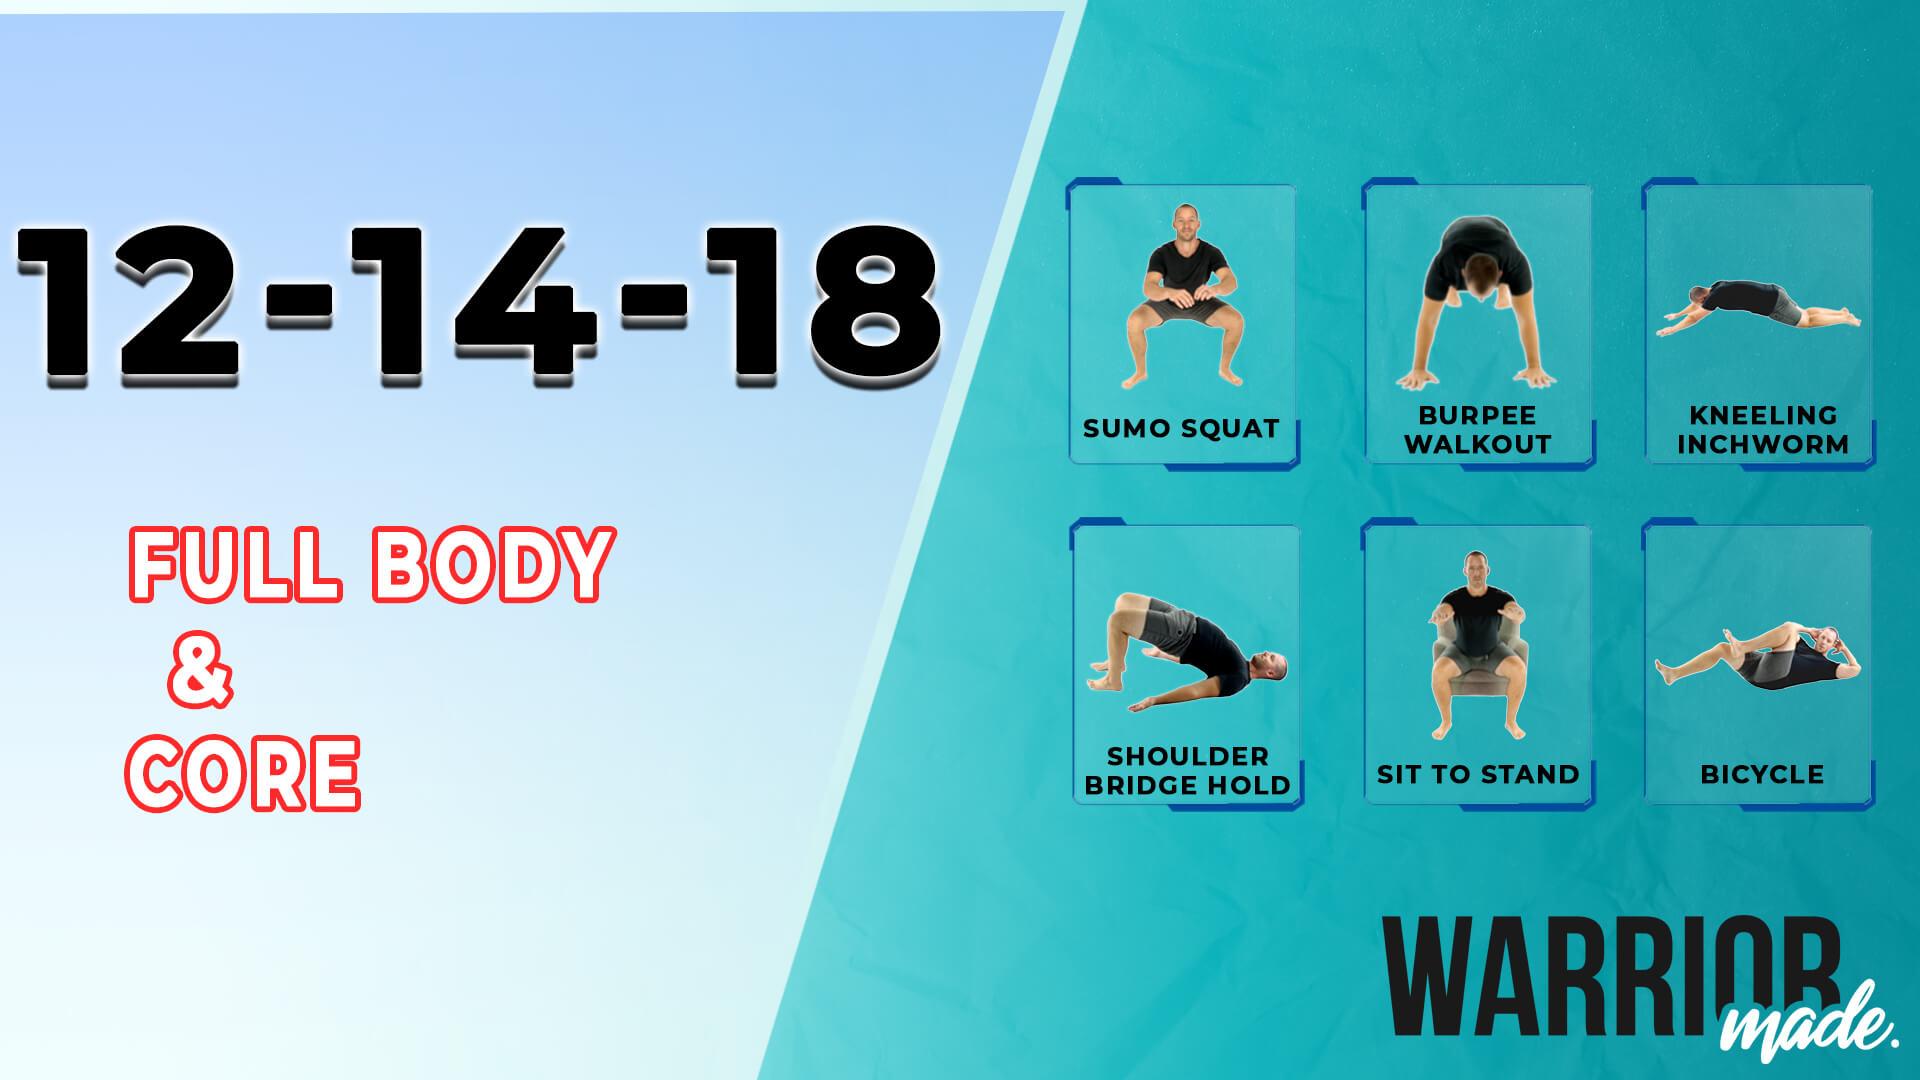 workouts-12-14-18